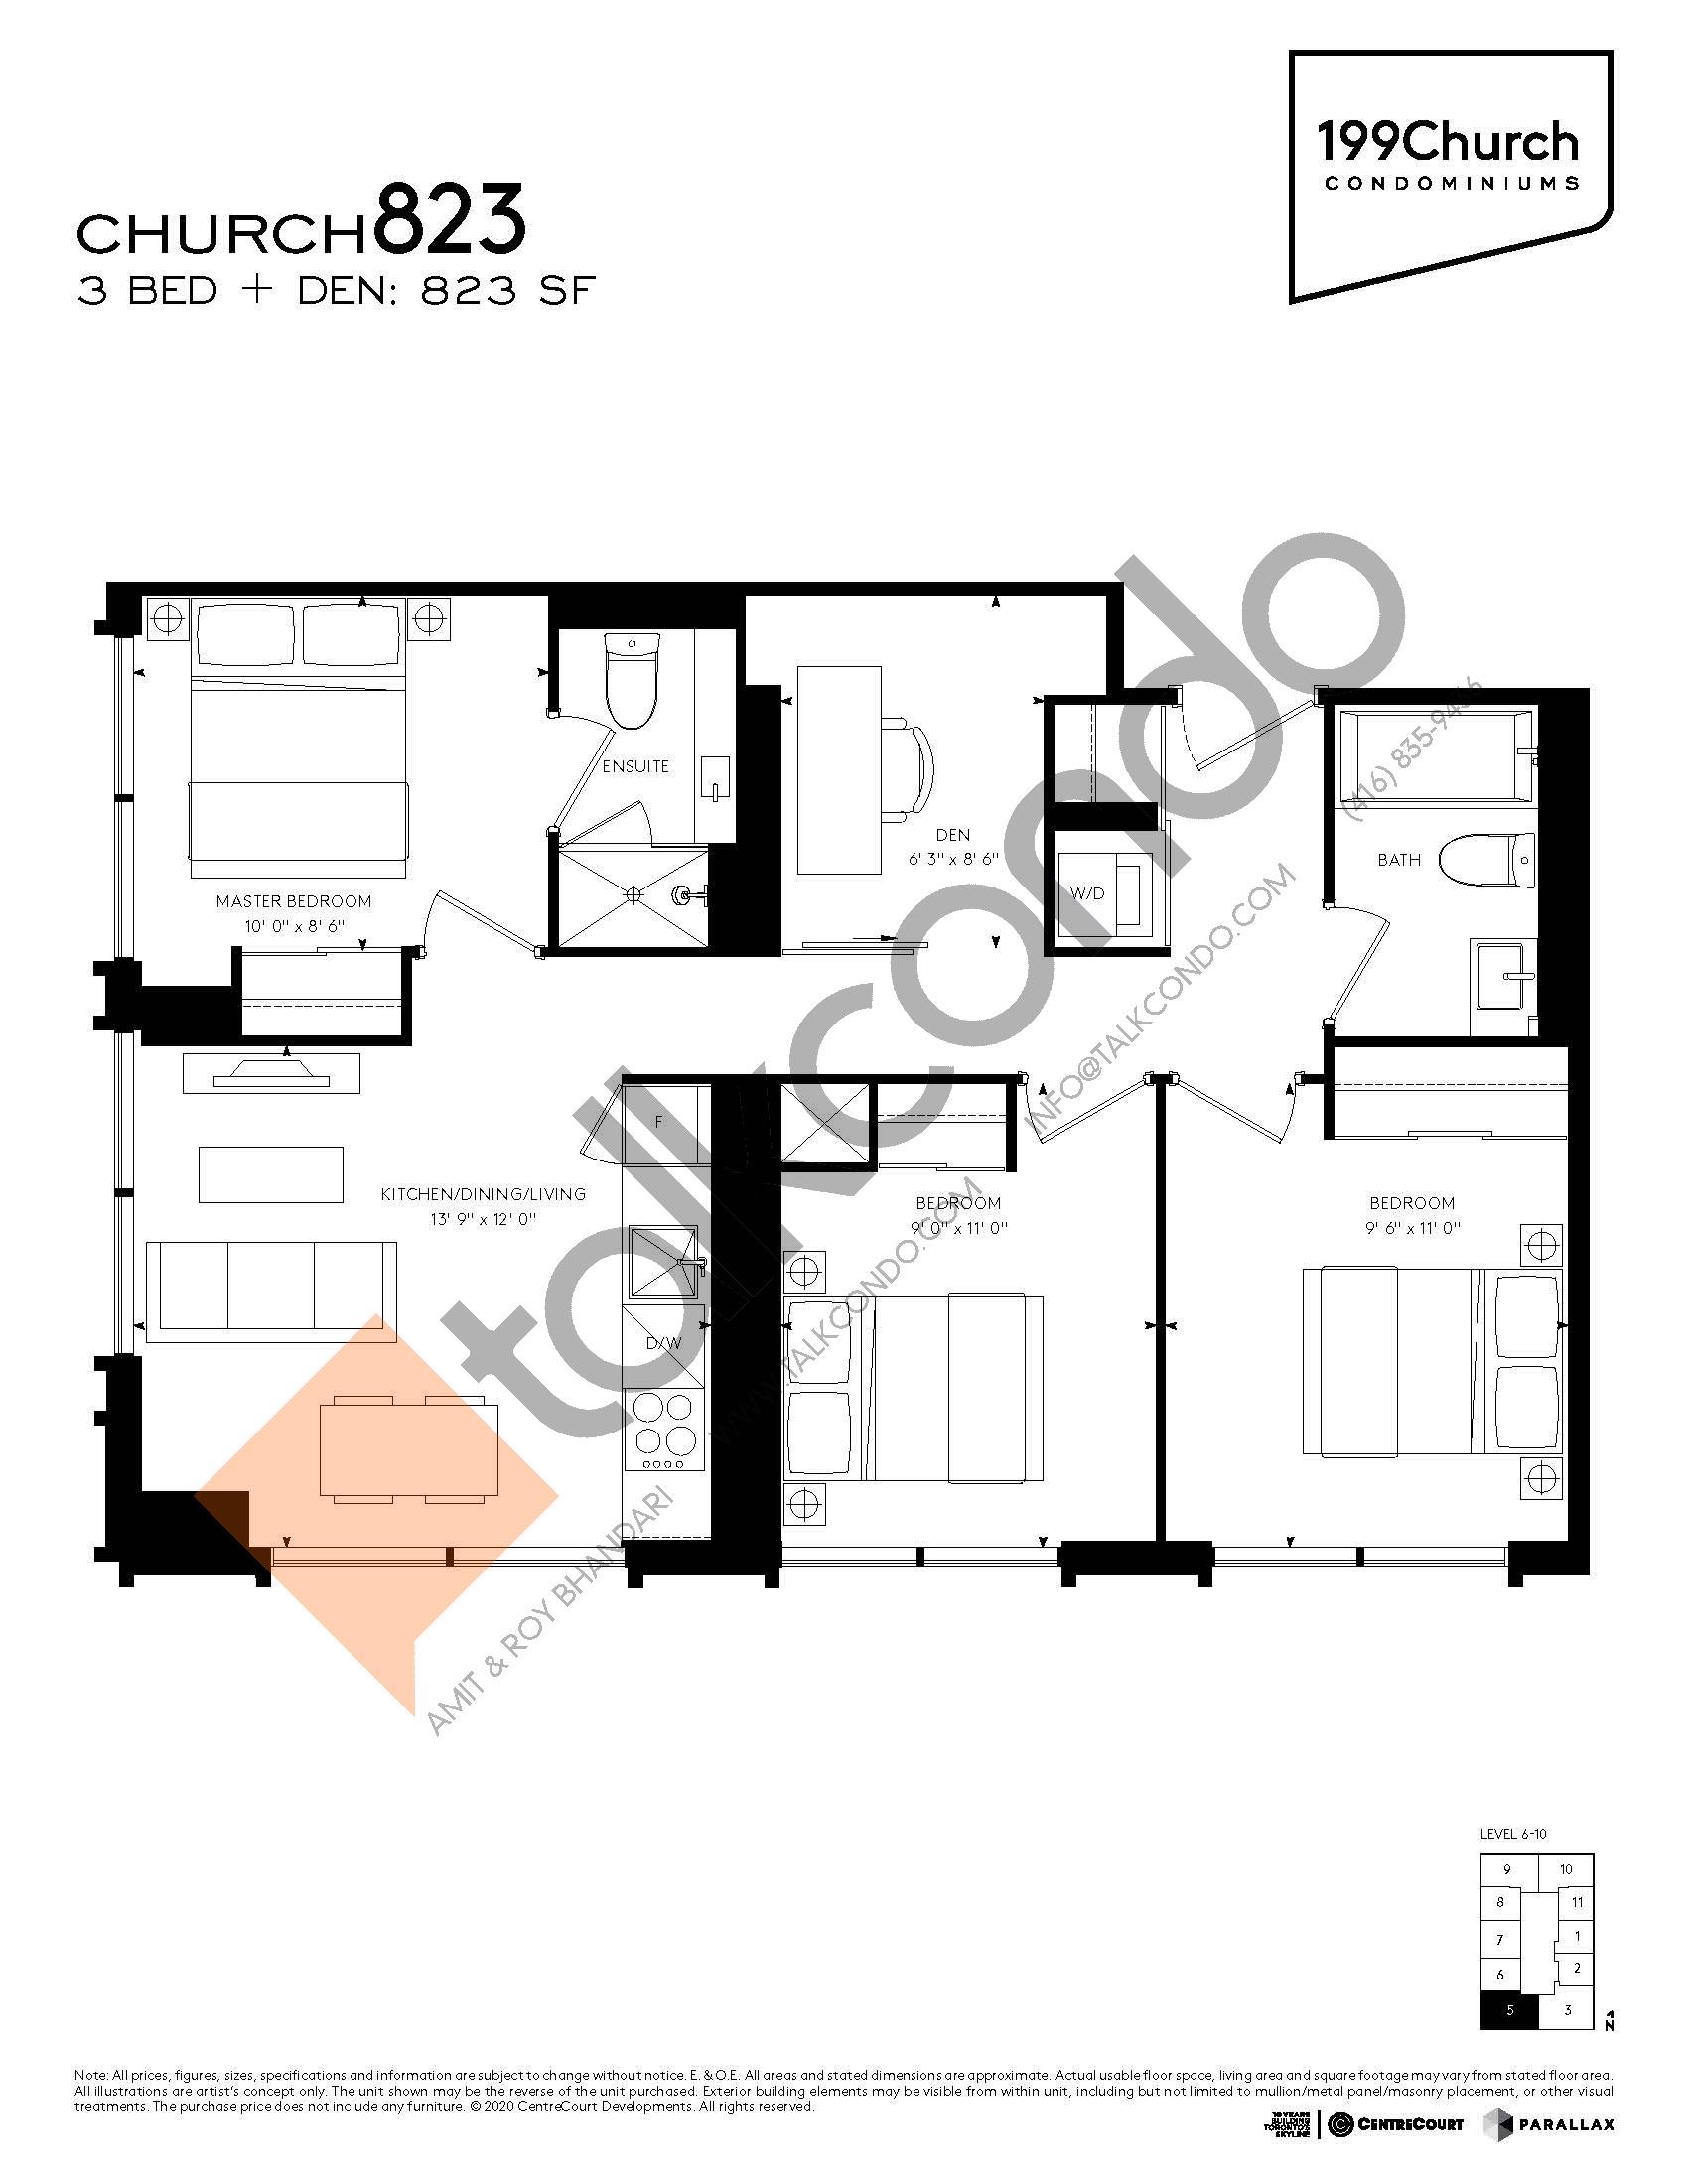 Church 823 Floor Plan at 199 Church Condos - 823 sq.ft